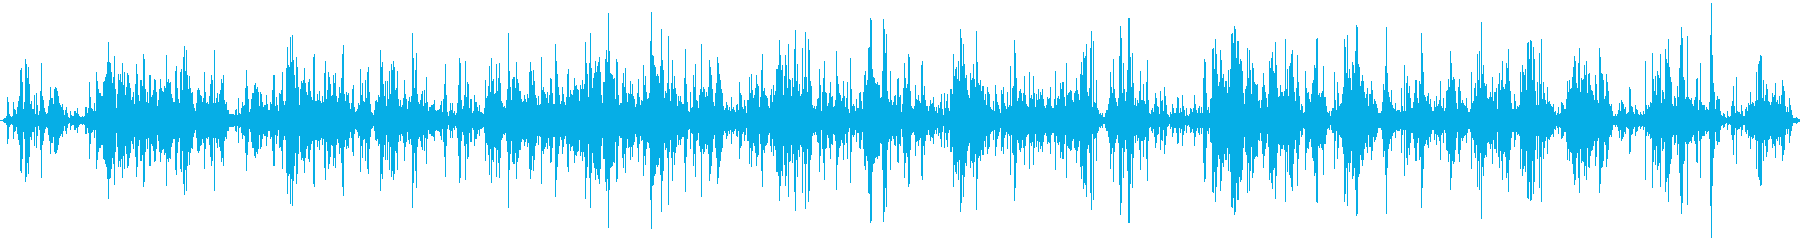 軽度の連続スプラッシュ;ヴィンテー...の再生済みの波形